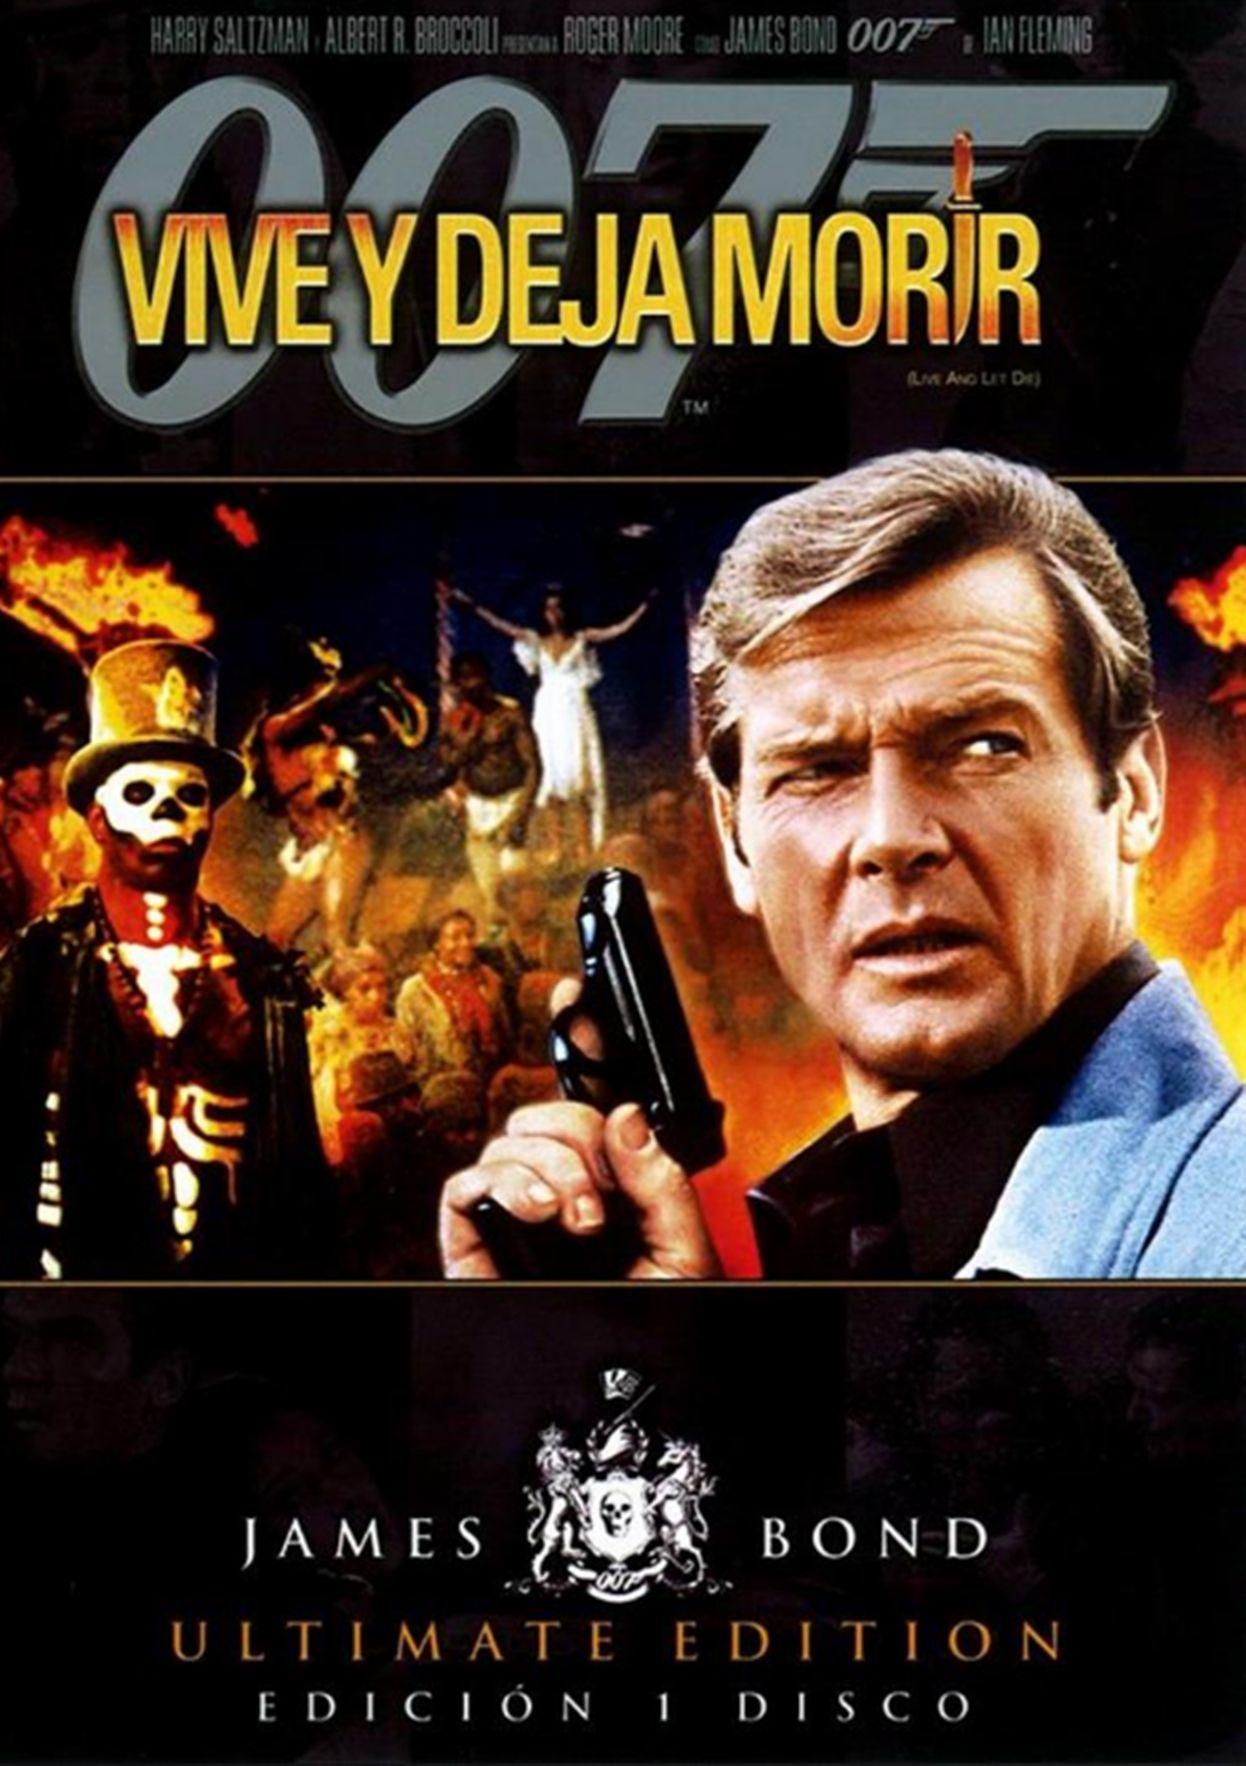 Imagen Relacionada Poster De Peliculas Peliculas Cine Y Fotos